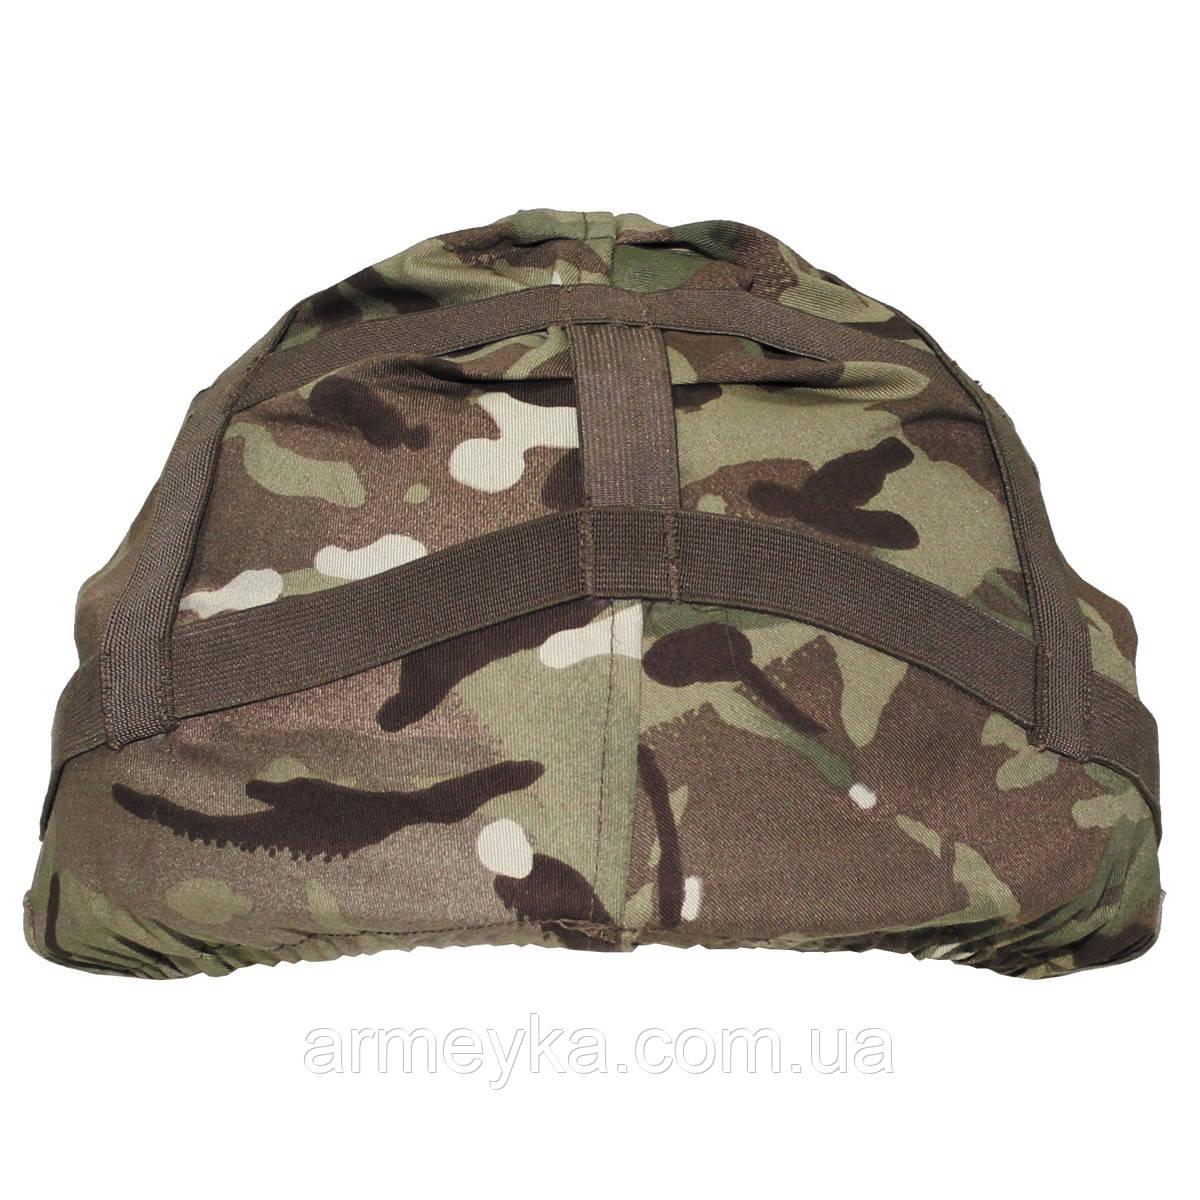 Чехол (кавер) на каску cover combat helmet MTP. НОВЫЙ. ВС Великобритании, оригинал.